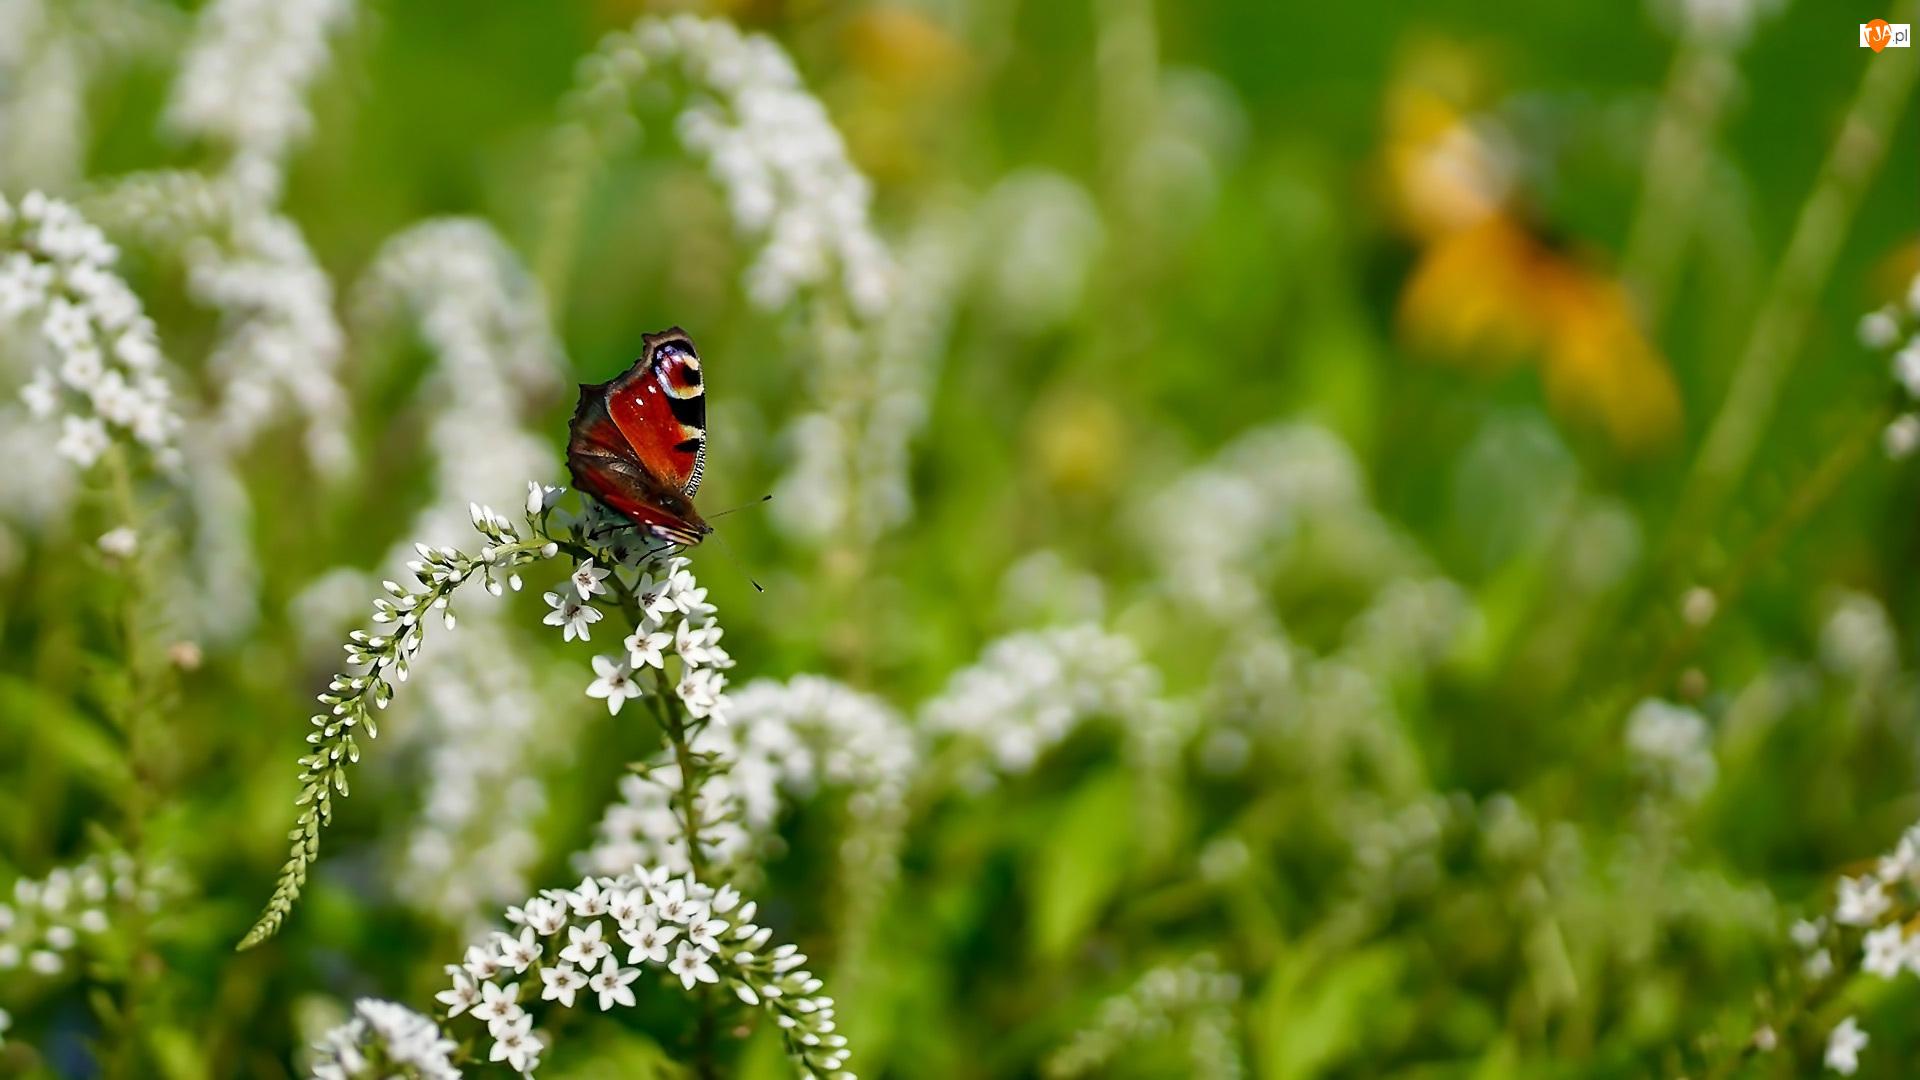 Tojeść, Motyl, Rusałka pawik, Kwiat